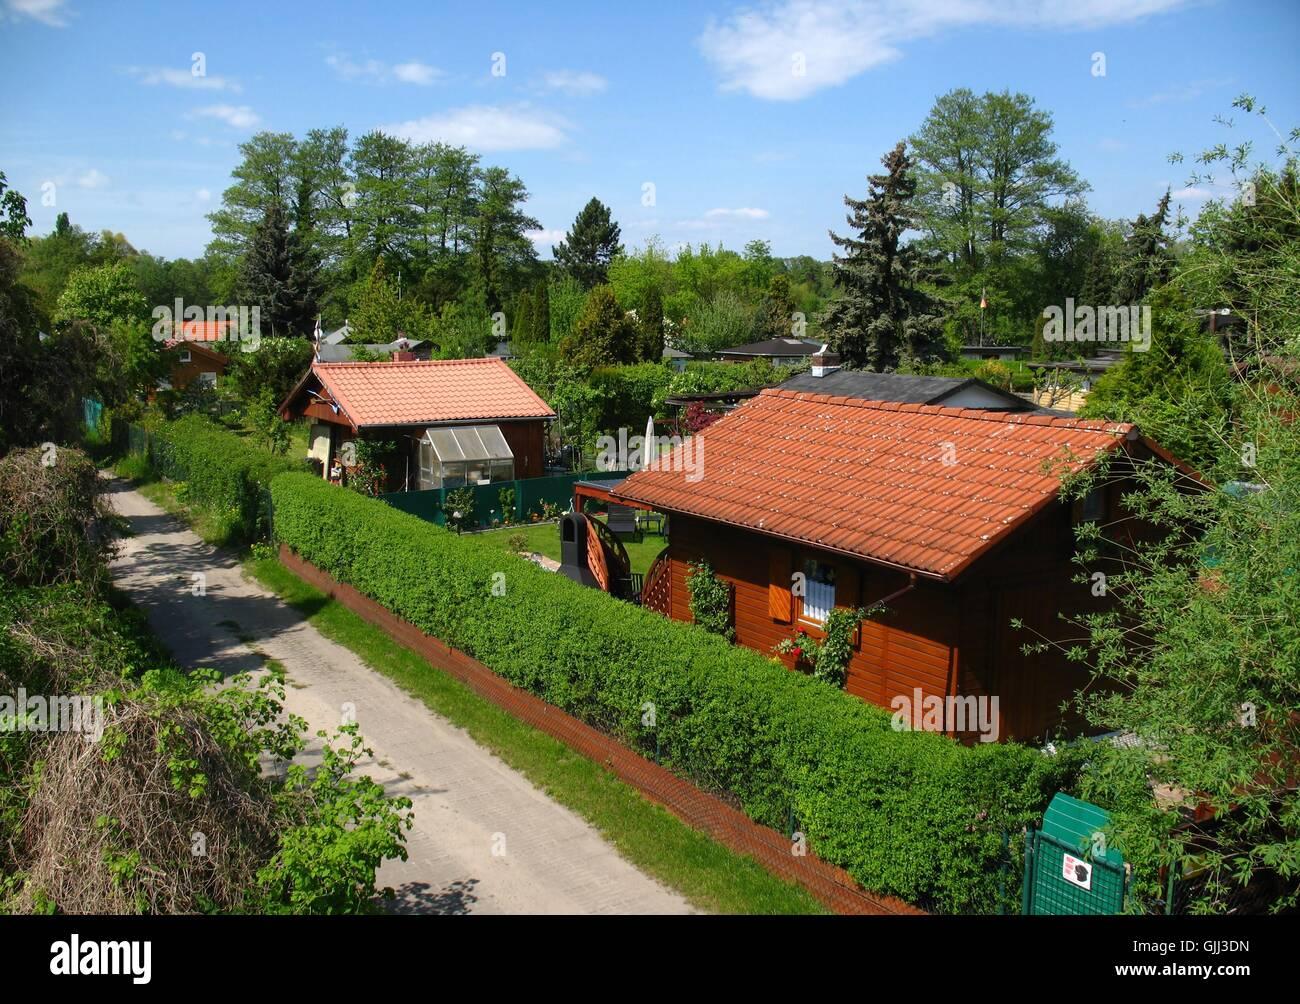 garden gardens arbor Stock Photo